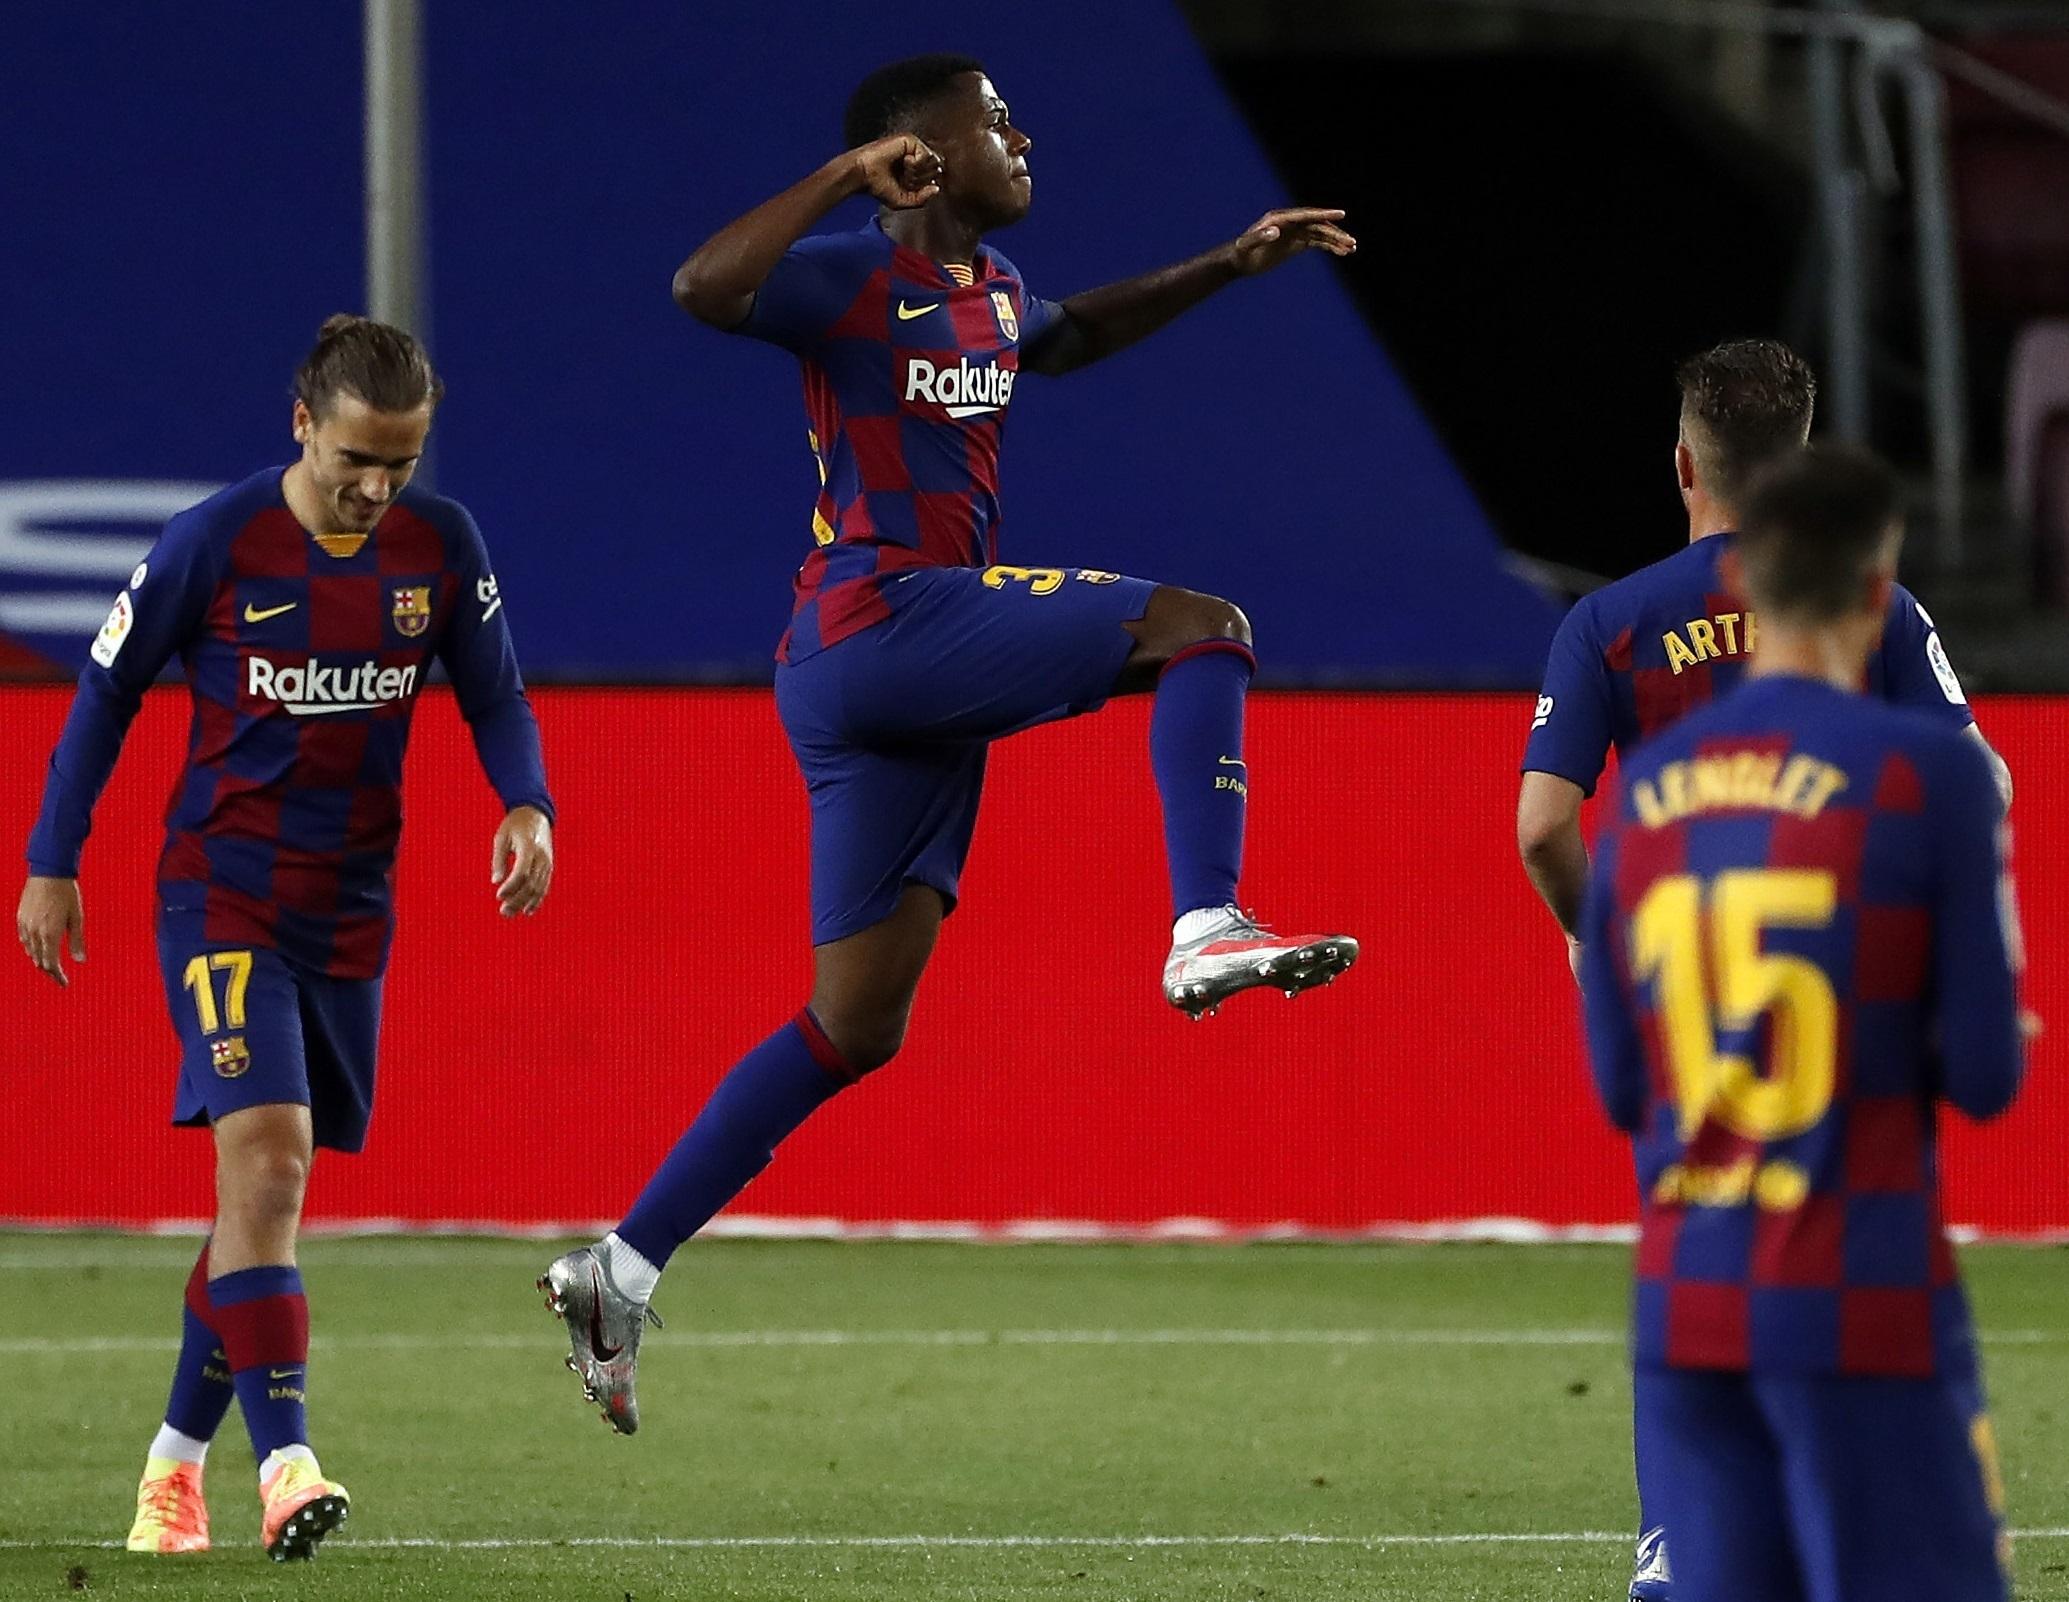 El delantero del FC Barcelona, Ansu Fati (2i), celebra el primer gol del equipo blaugrana durante el encuentro correspondiente a la jornada 29